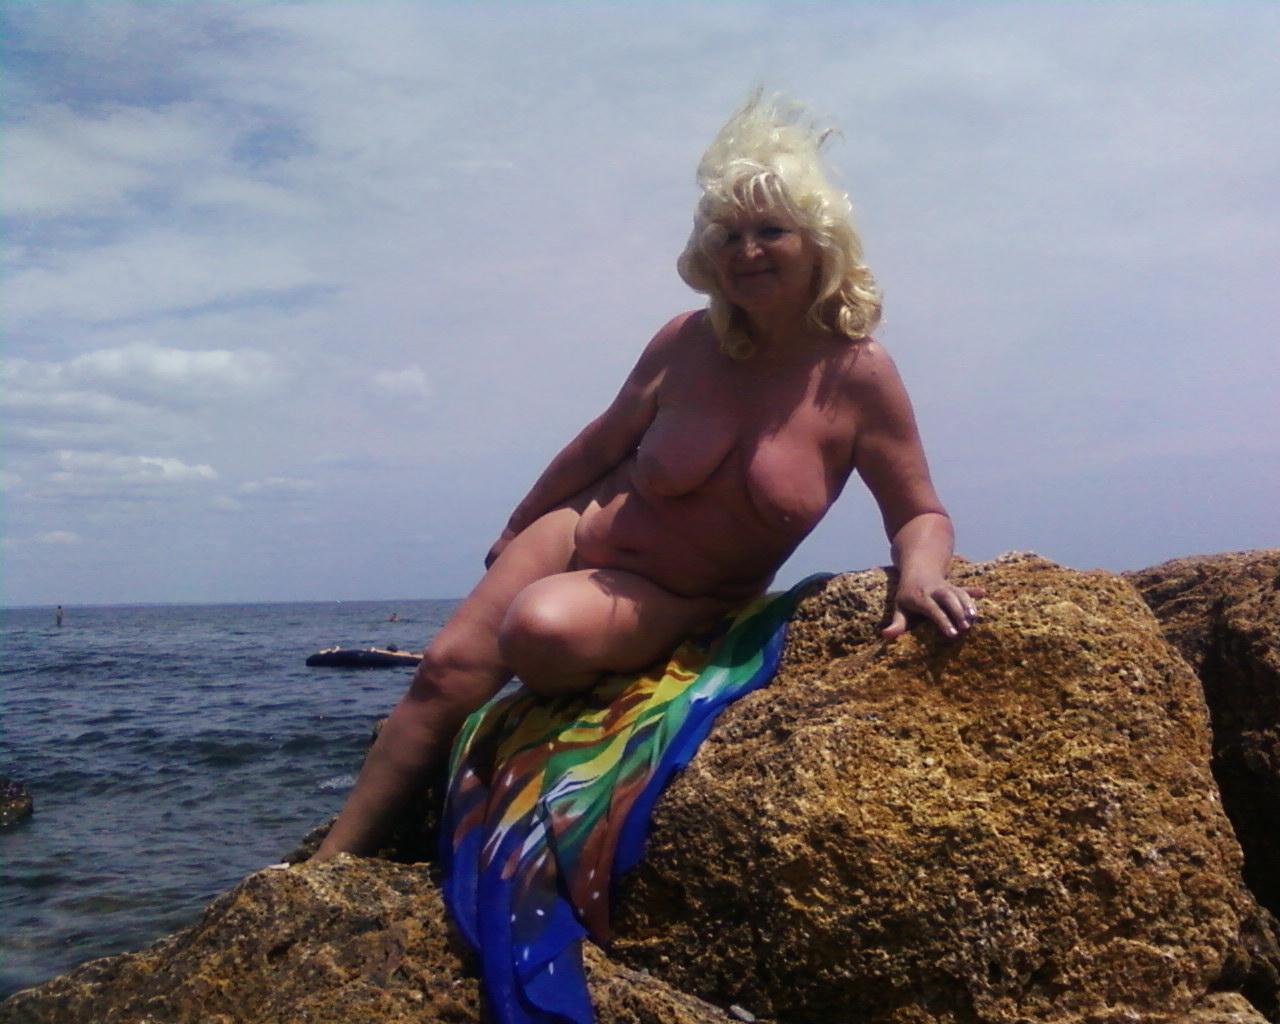 Сайт нудистов питера 11 фотография